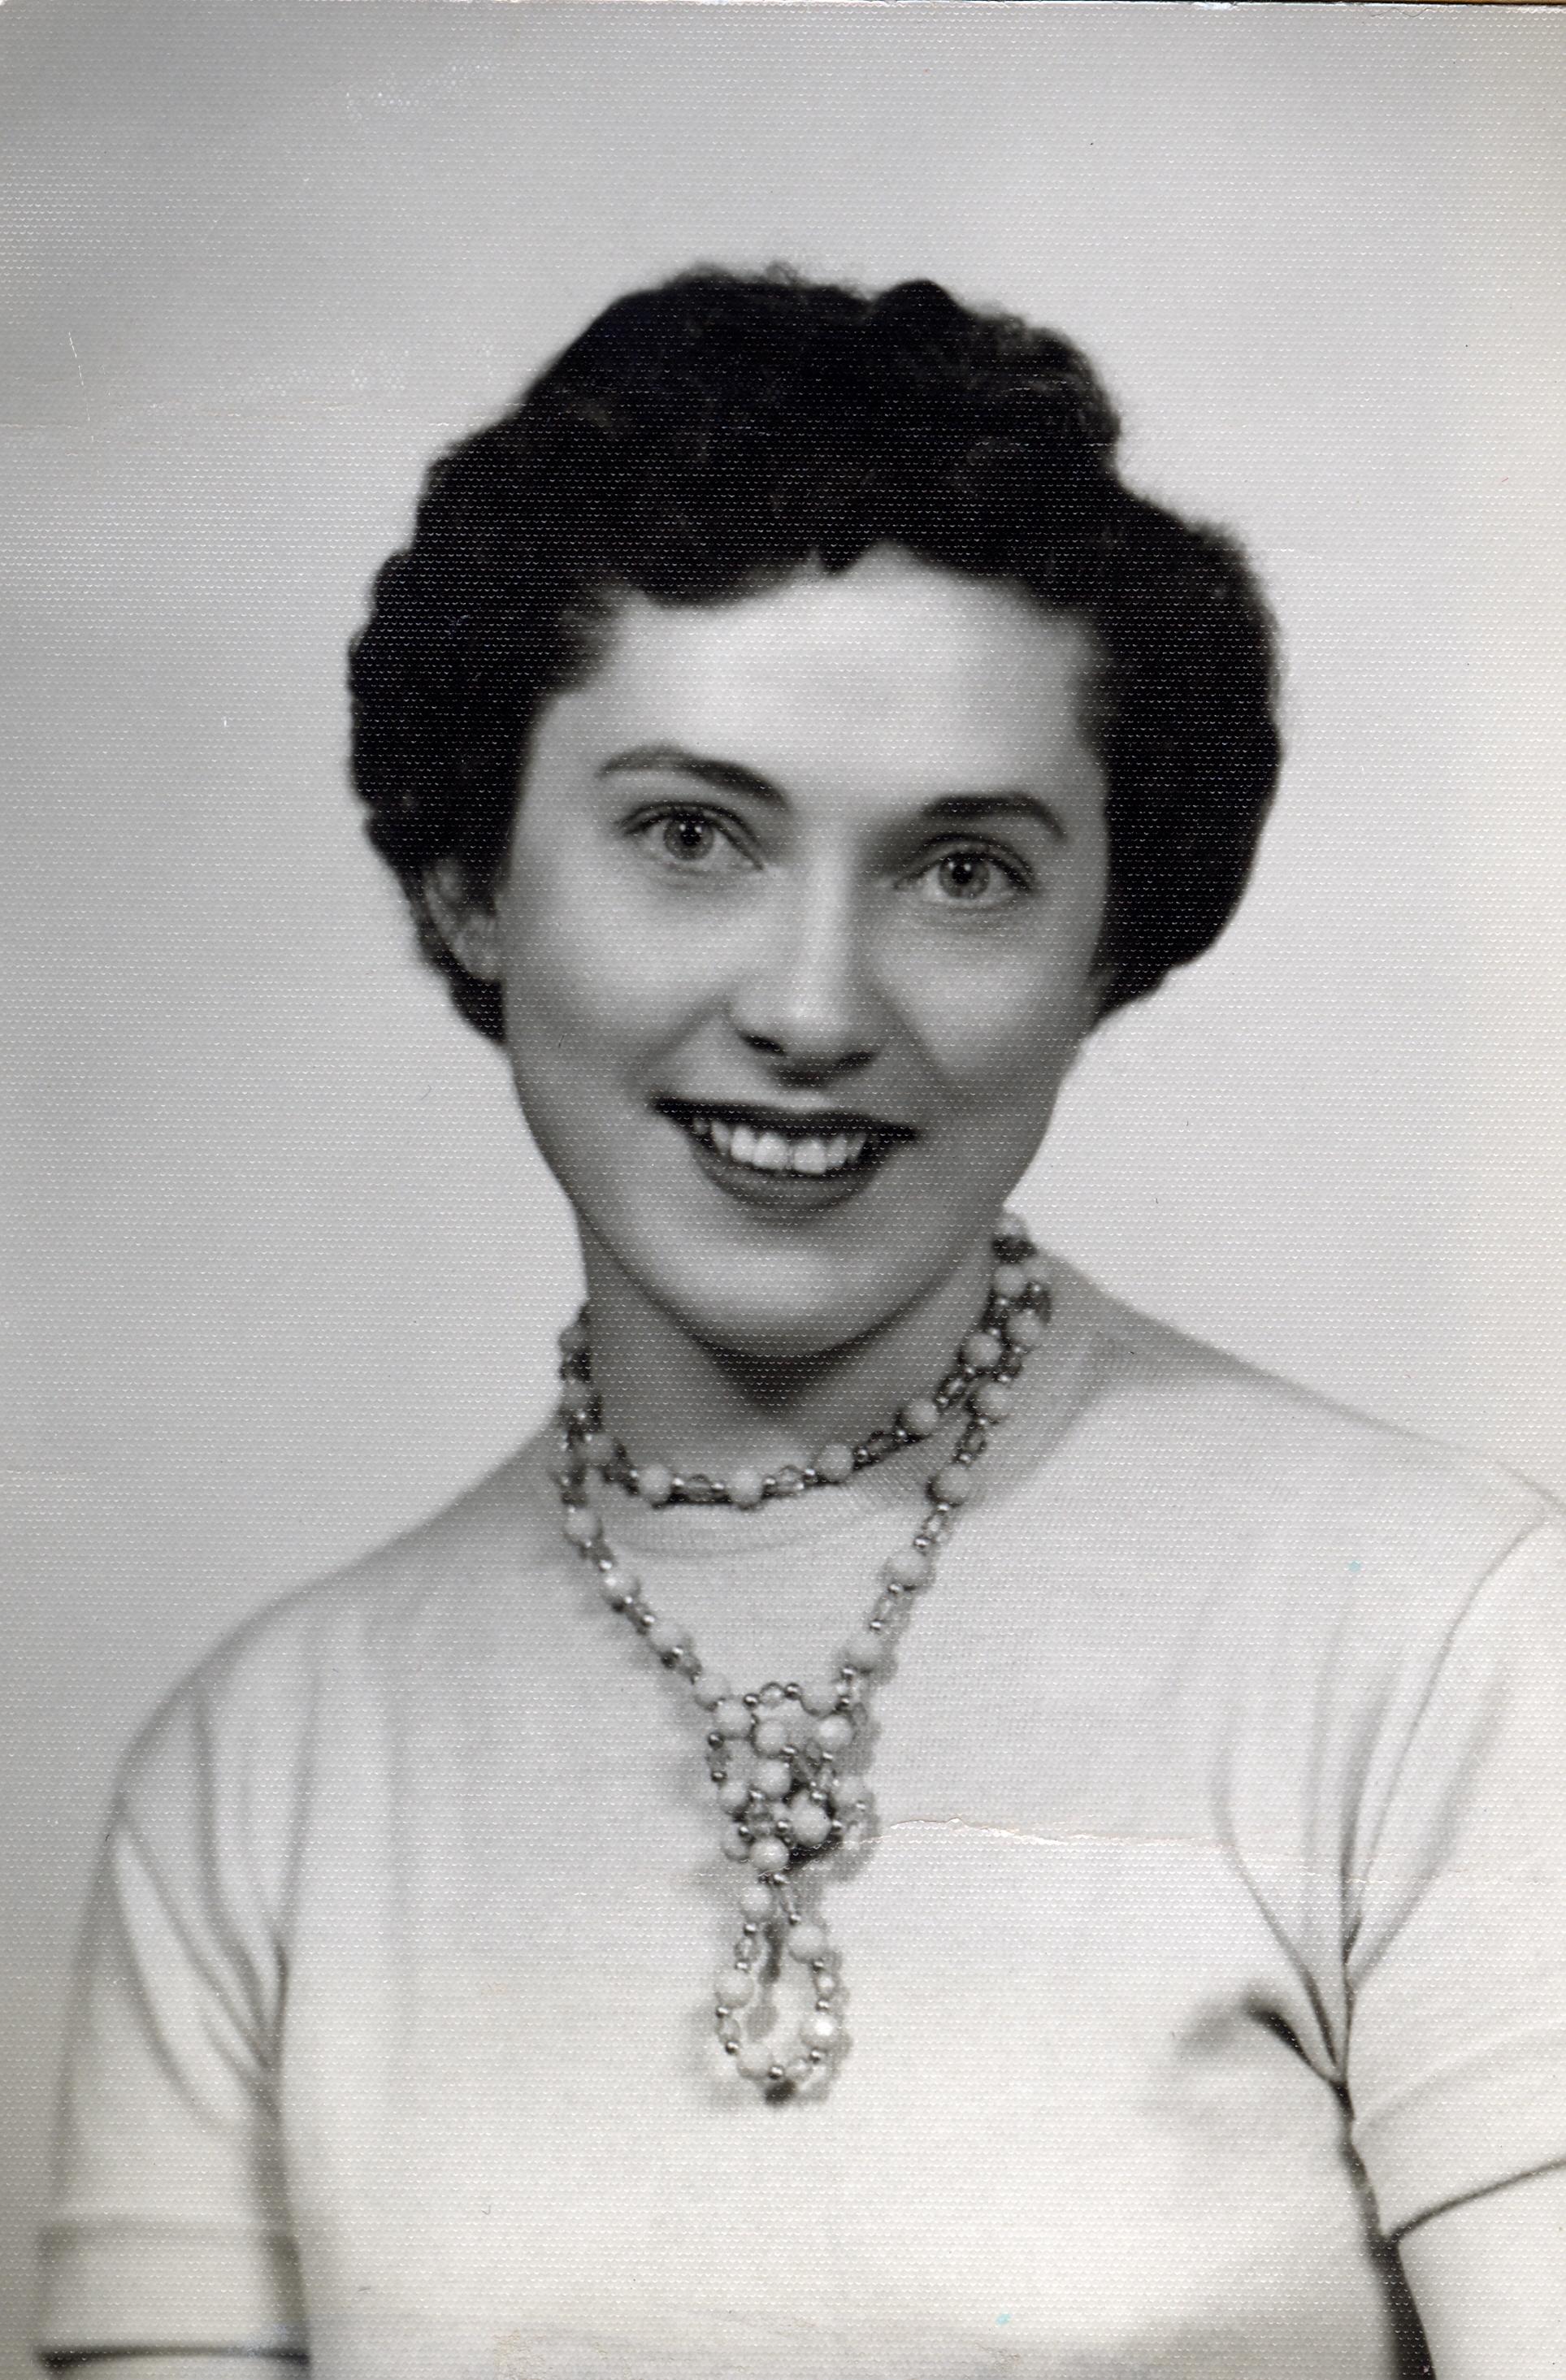 Dorothy June Schell